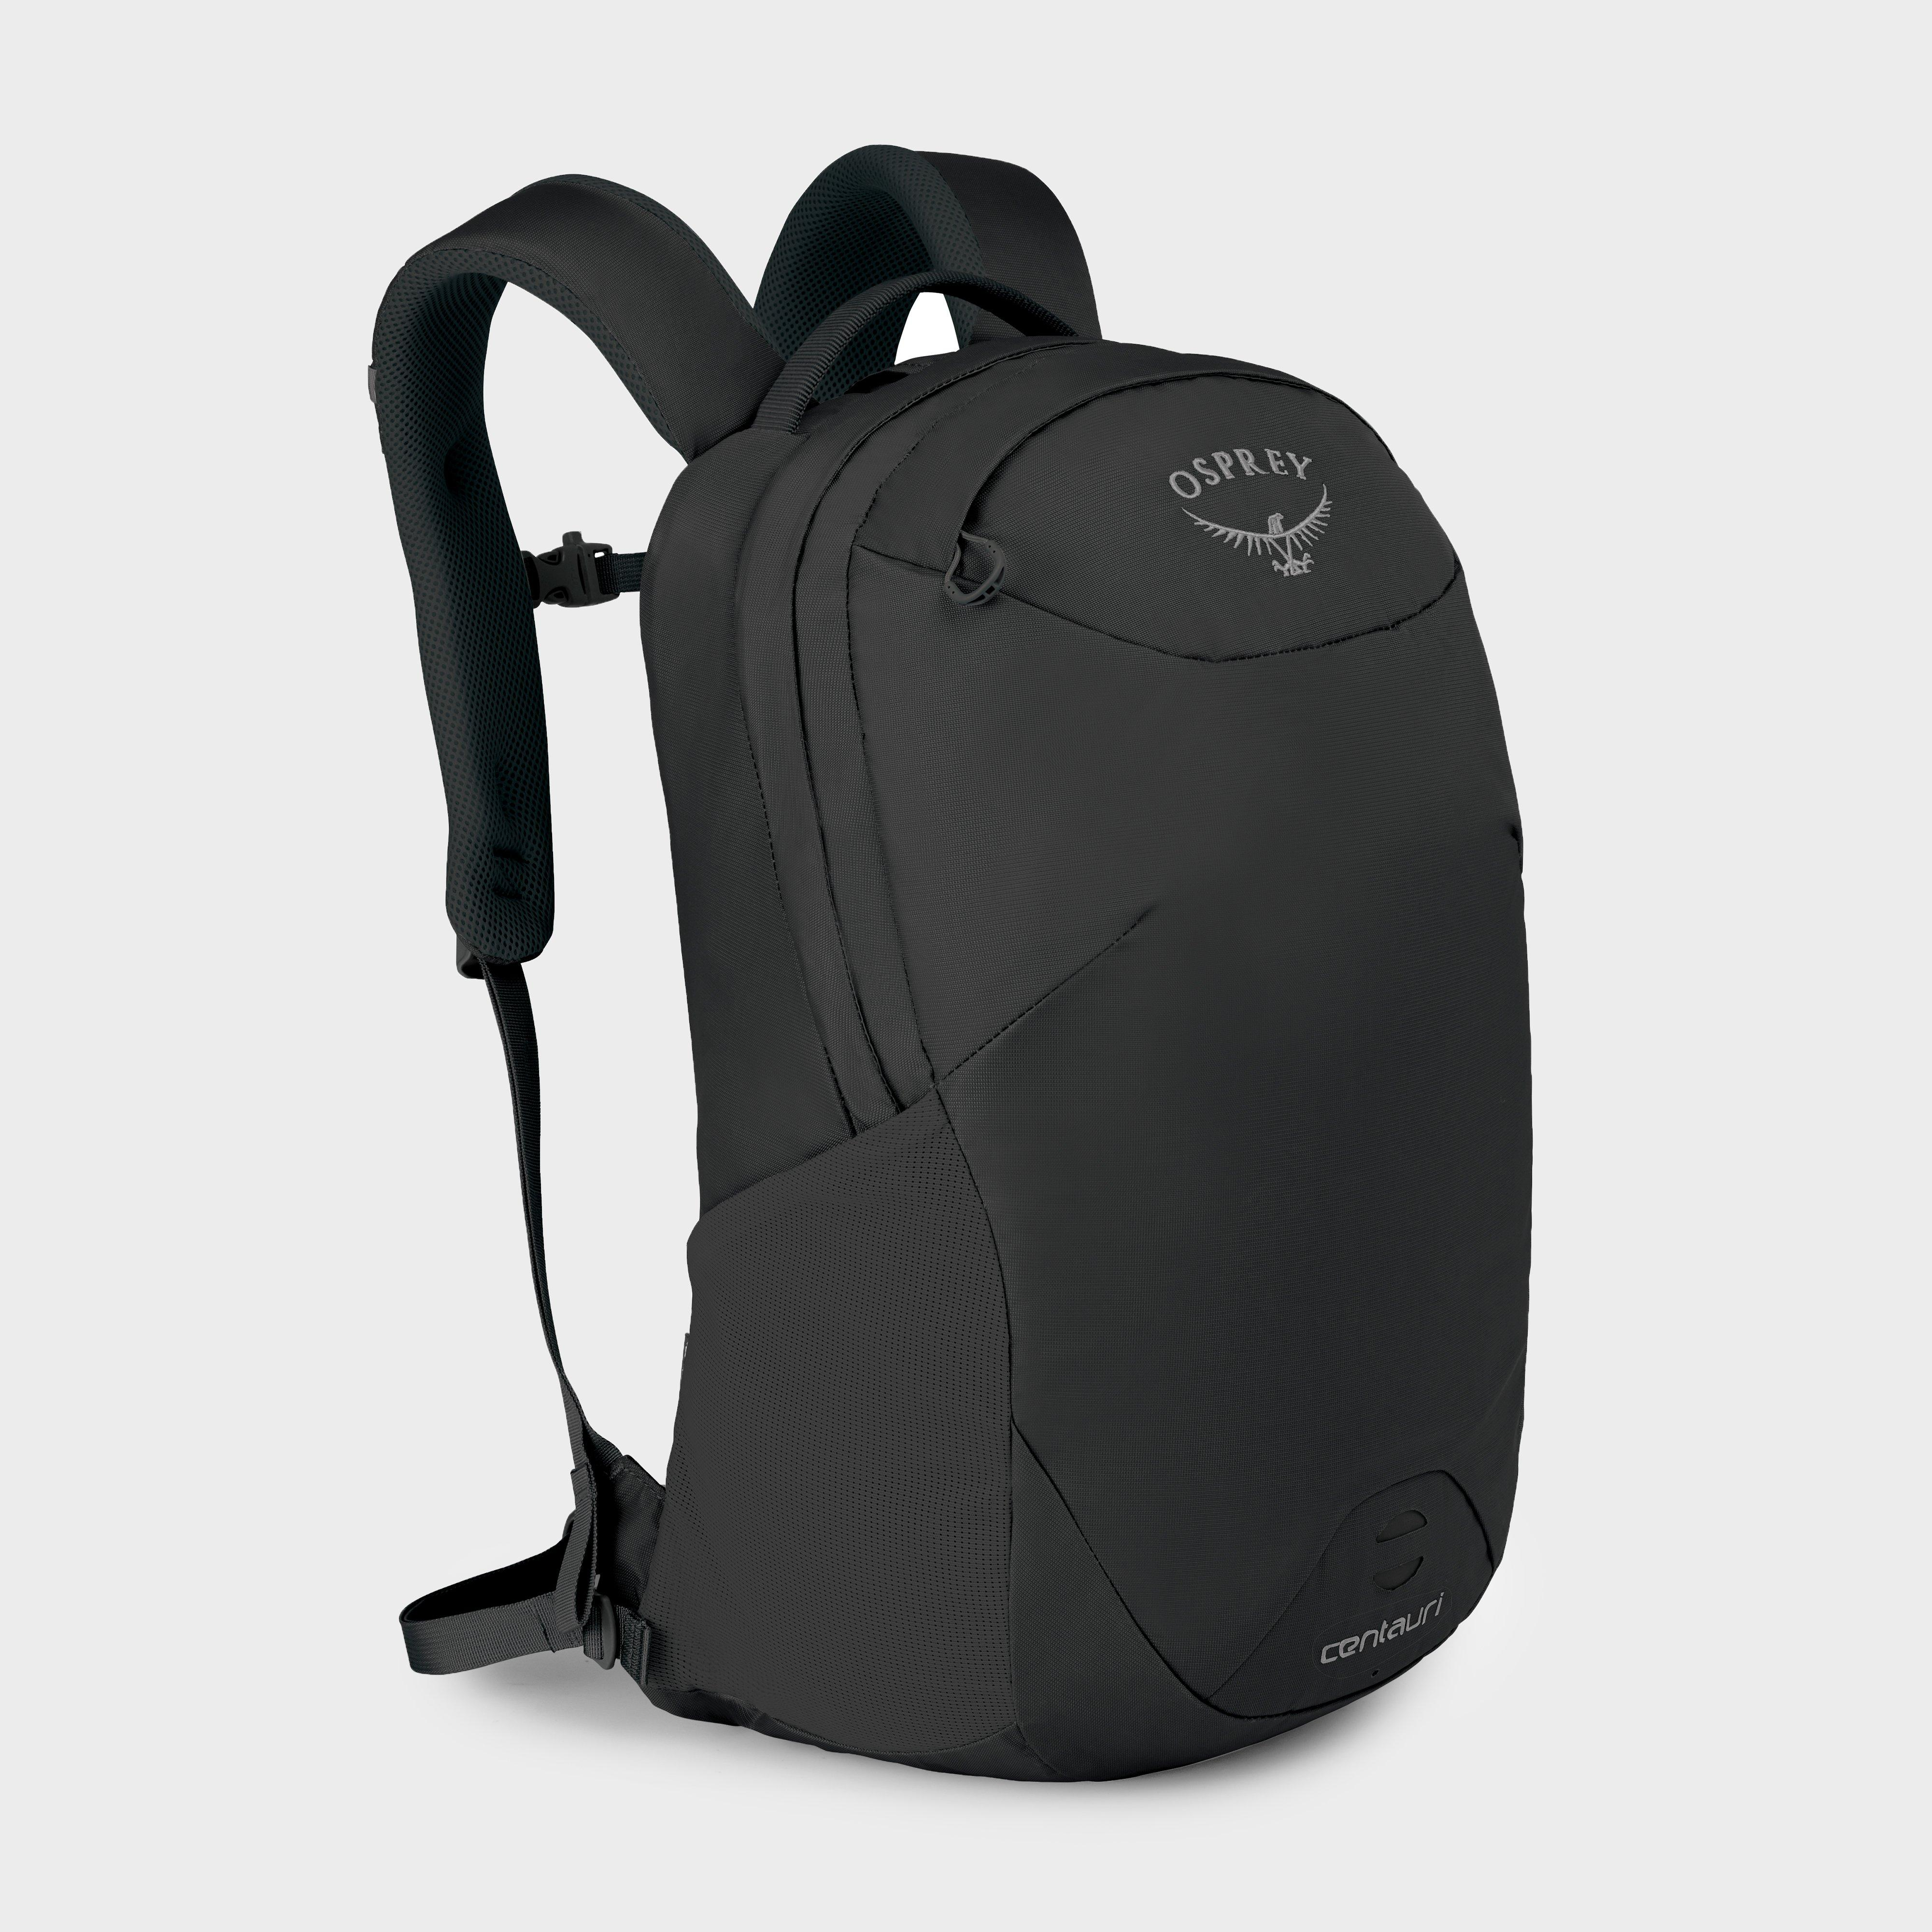 Osprey Centauri 22L Backpack, Grey